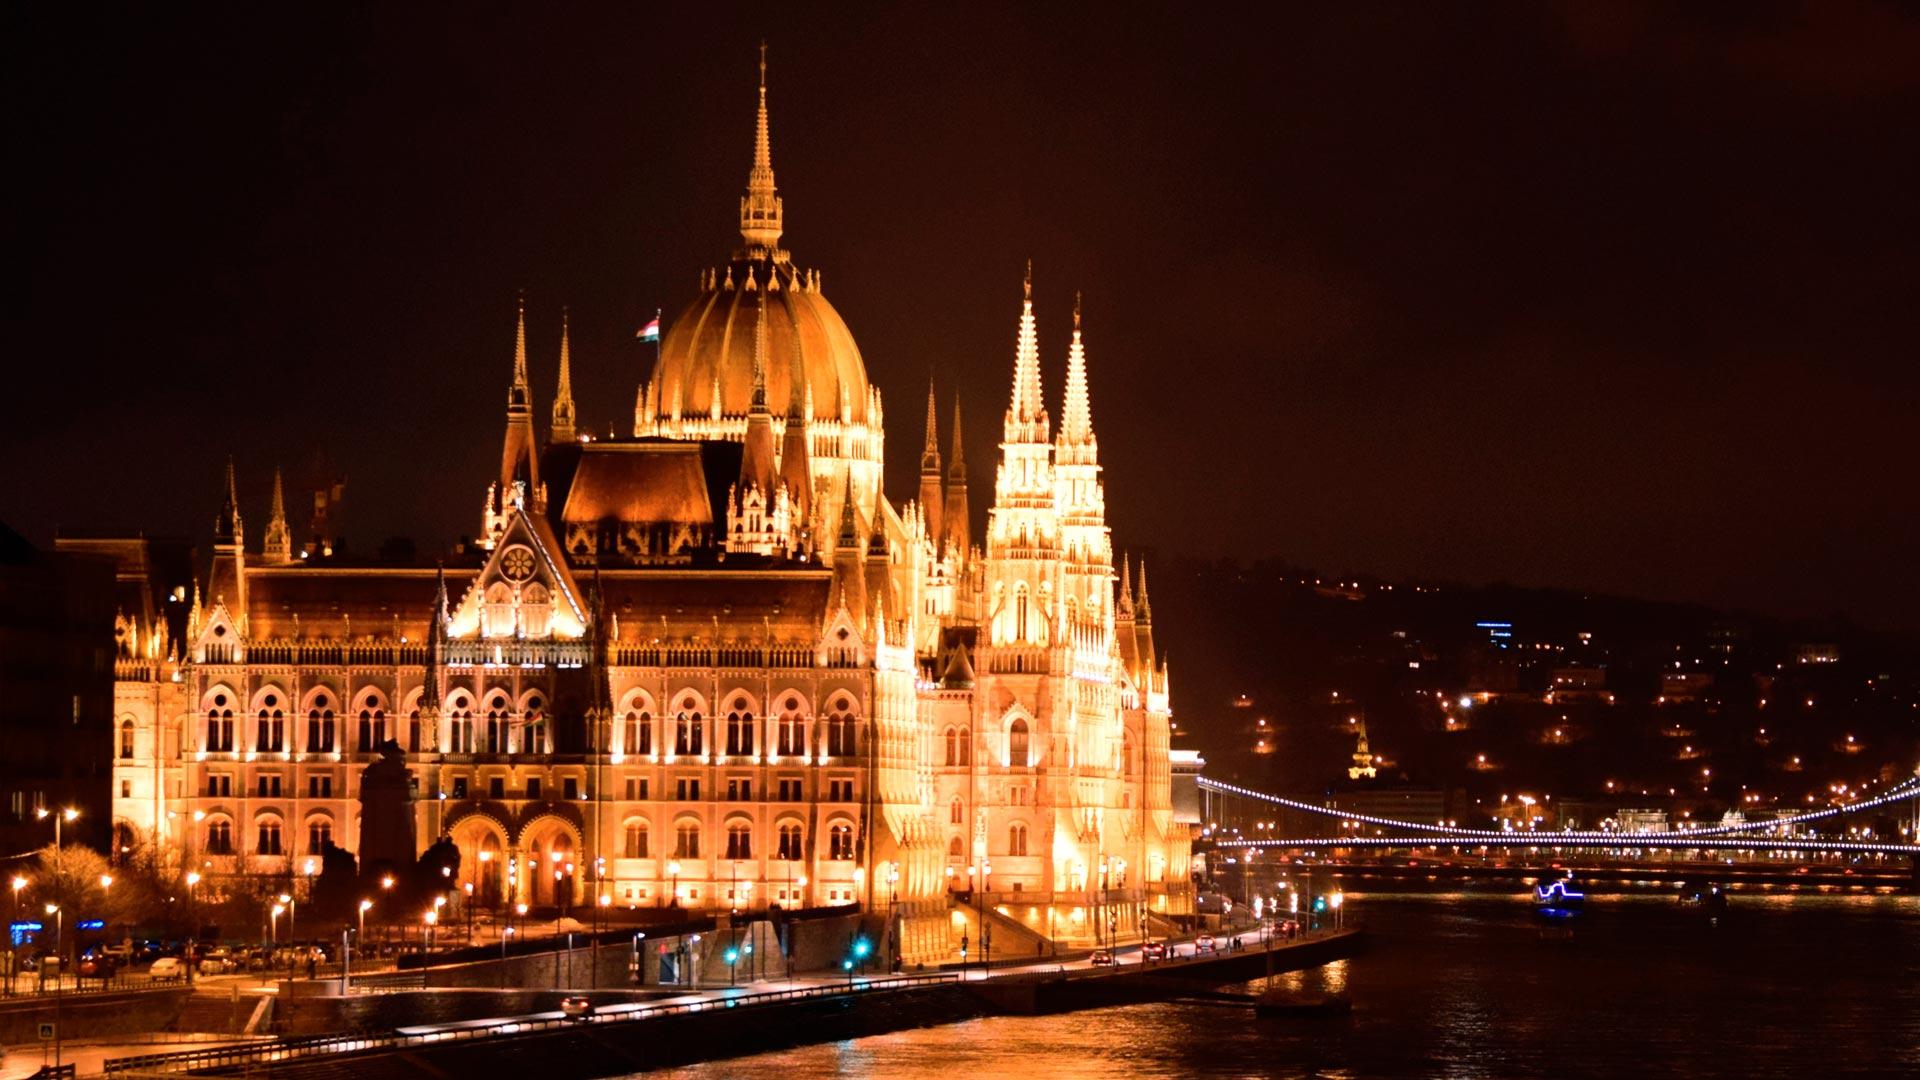 Budapeszt nocą. Tak wygląda Parlament i co warto zobaczyć?